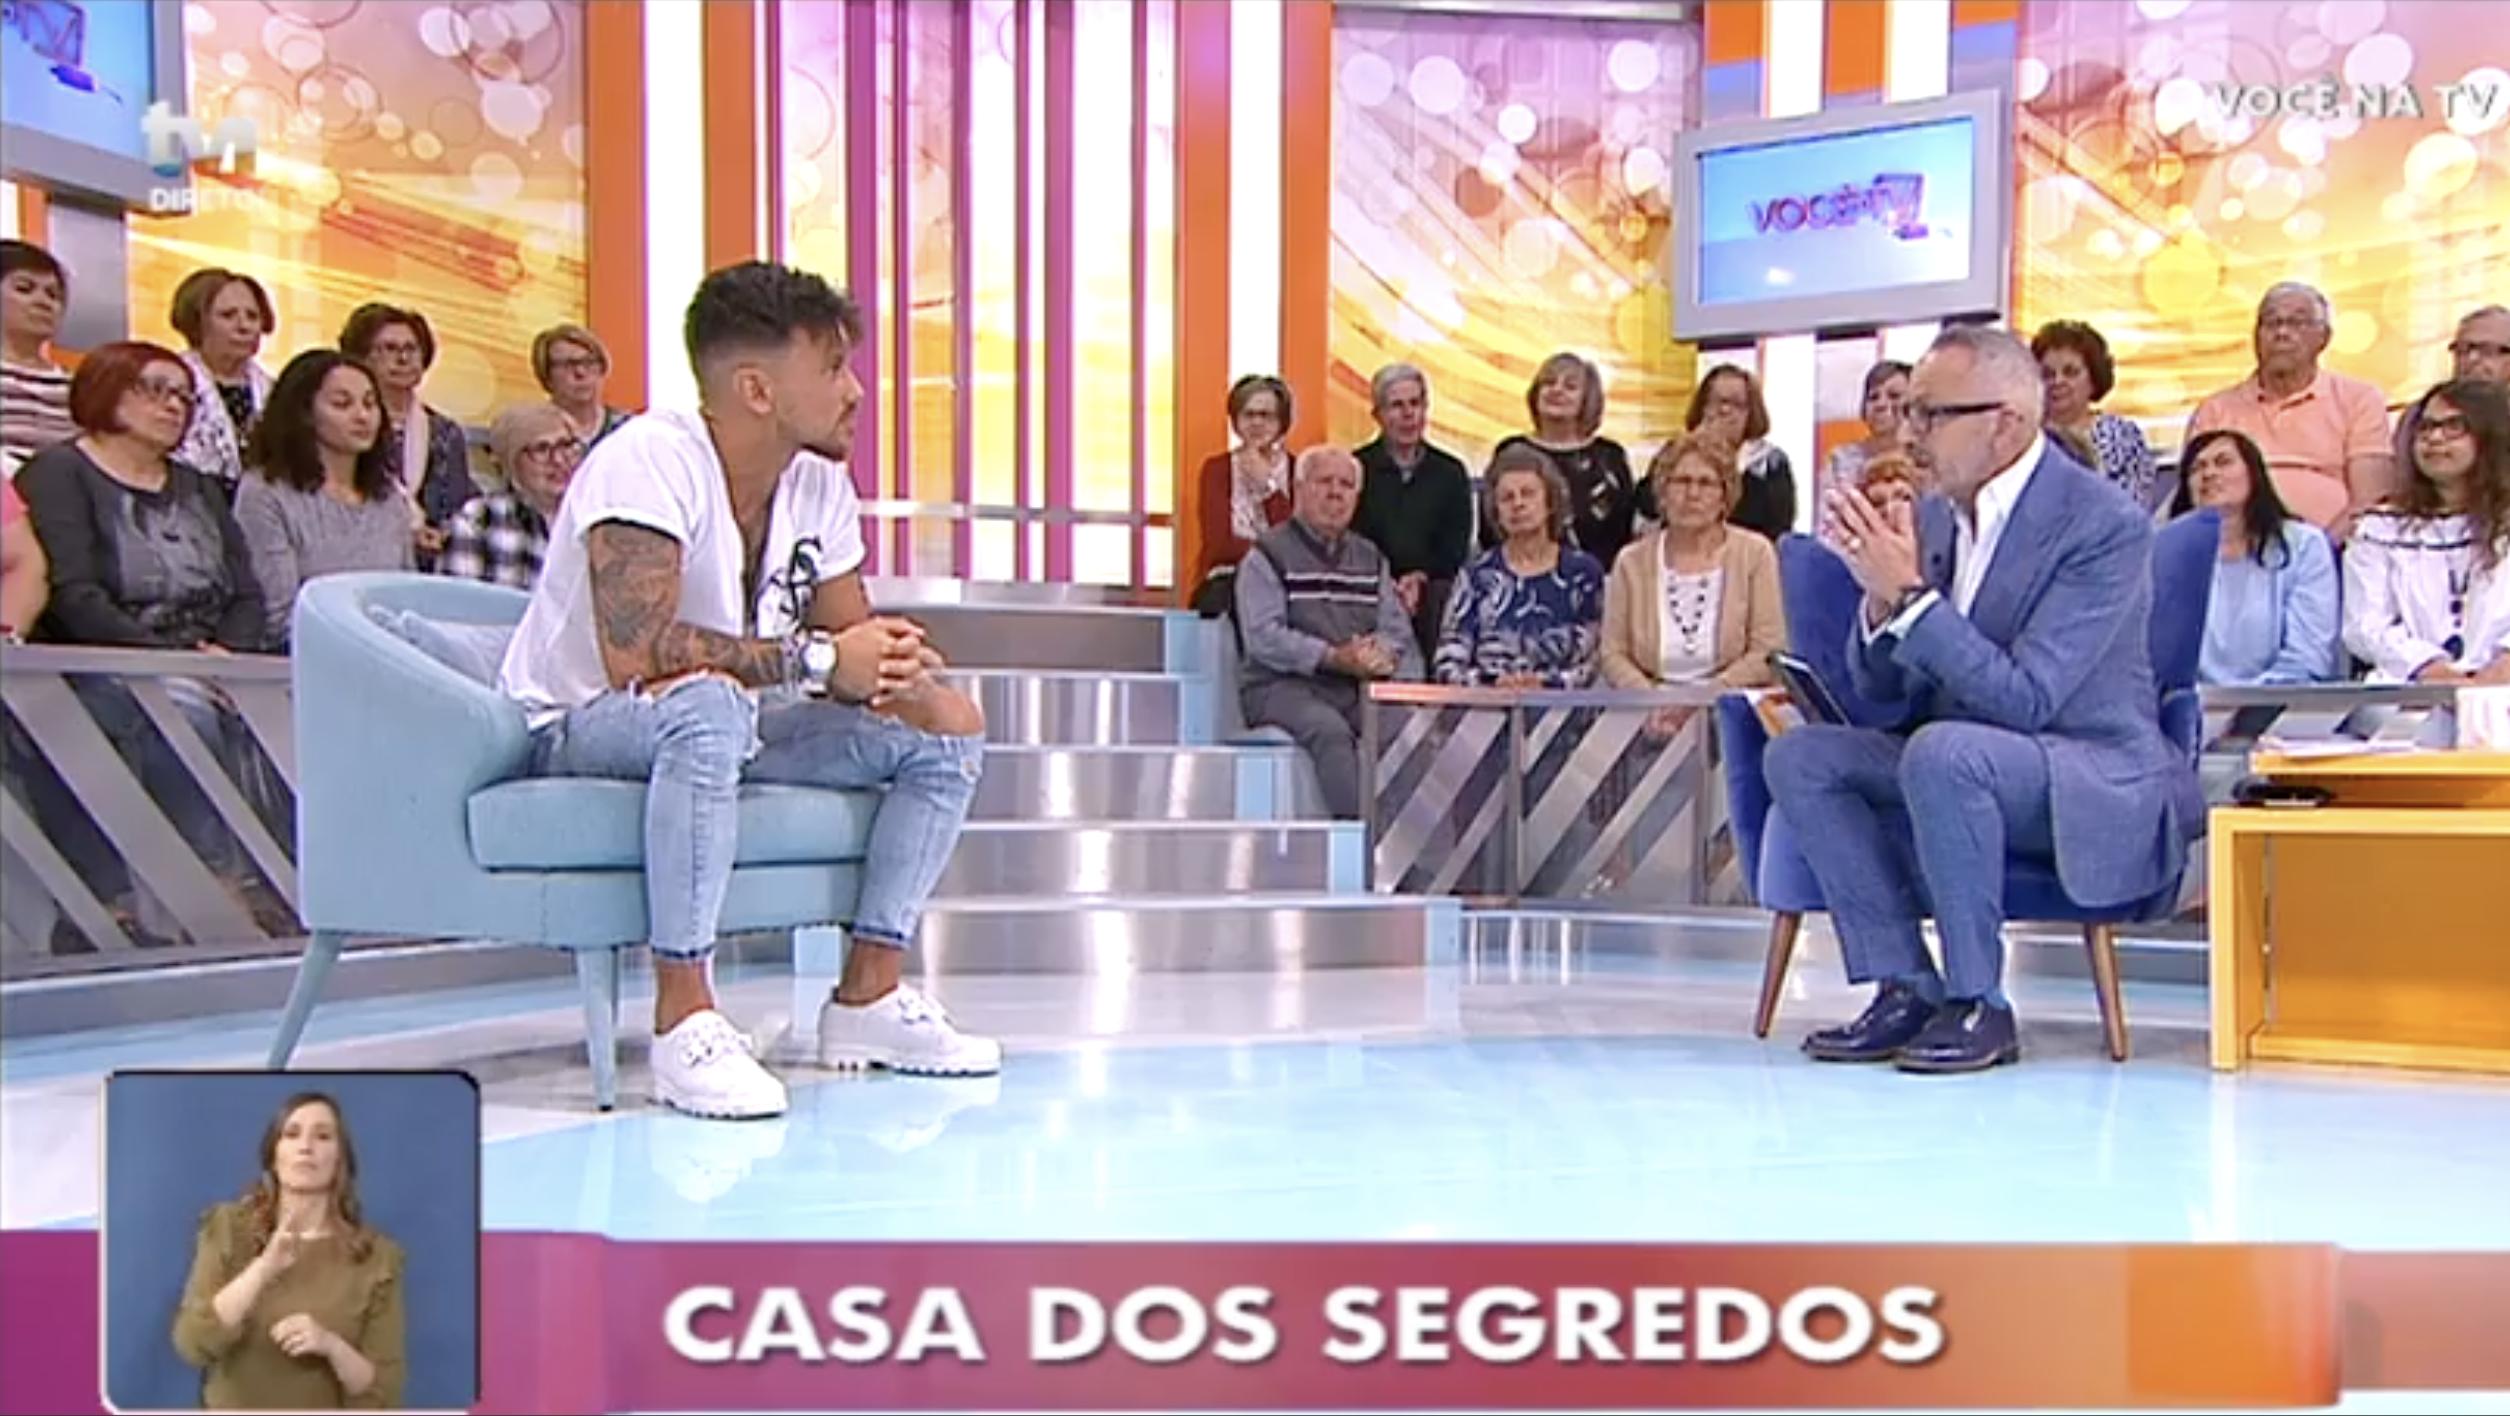 Nuno Voce Na Tv «Casa Dos Segredos 7»: Nuno Fala Dos Assuntos Mais Polémicos No «Você Na Tv»